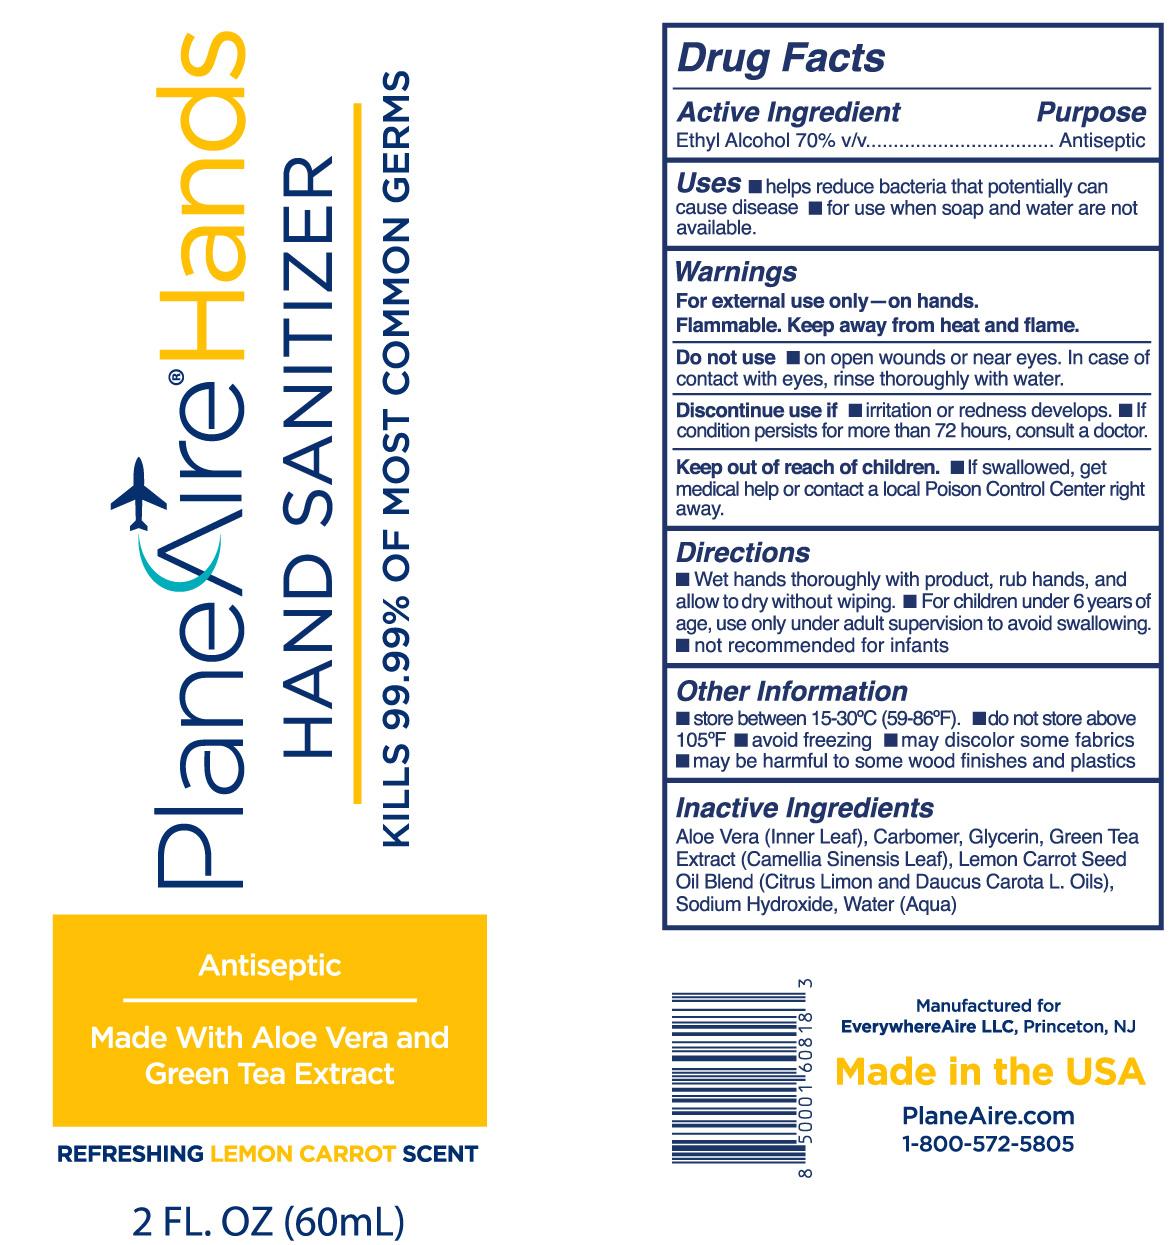 PAH Label 80335-106-02